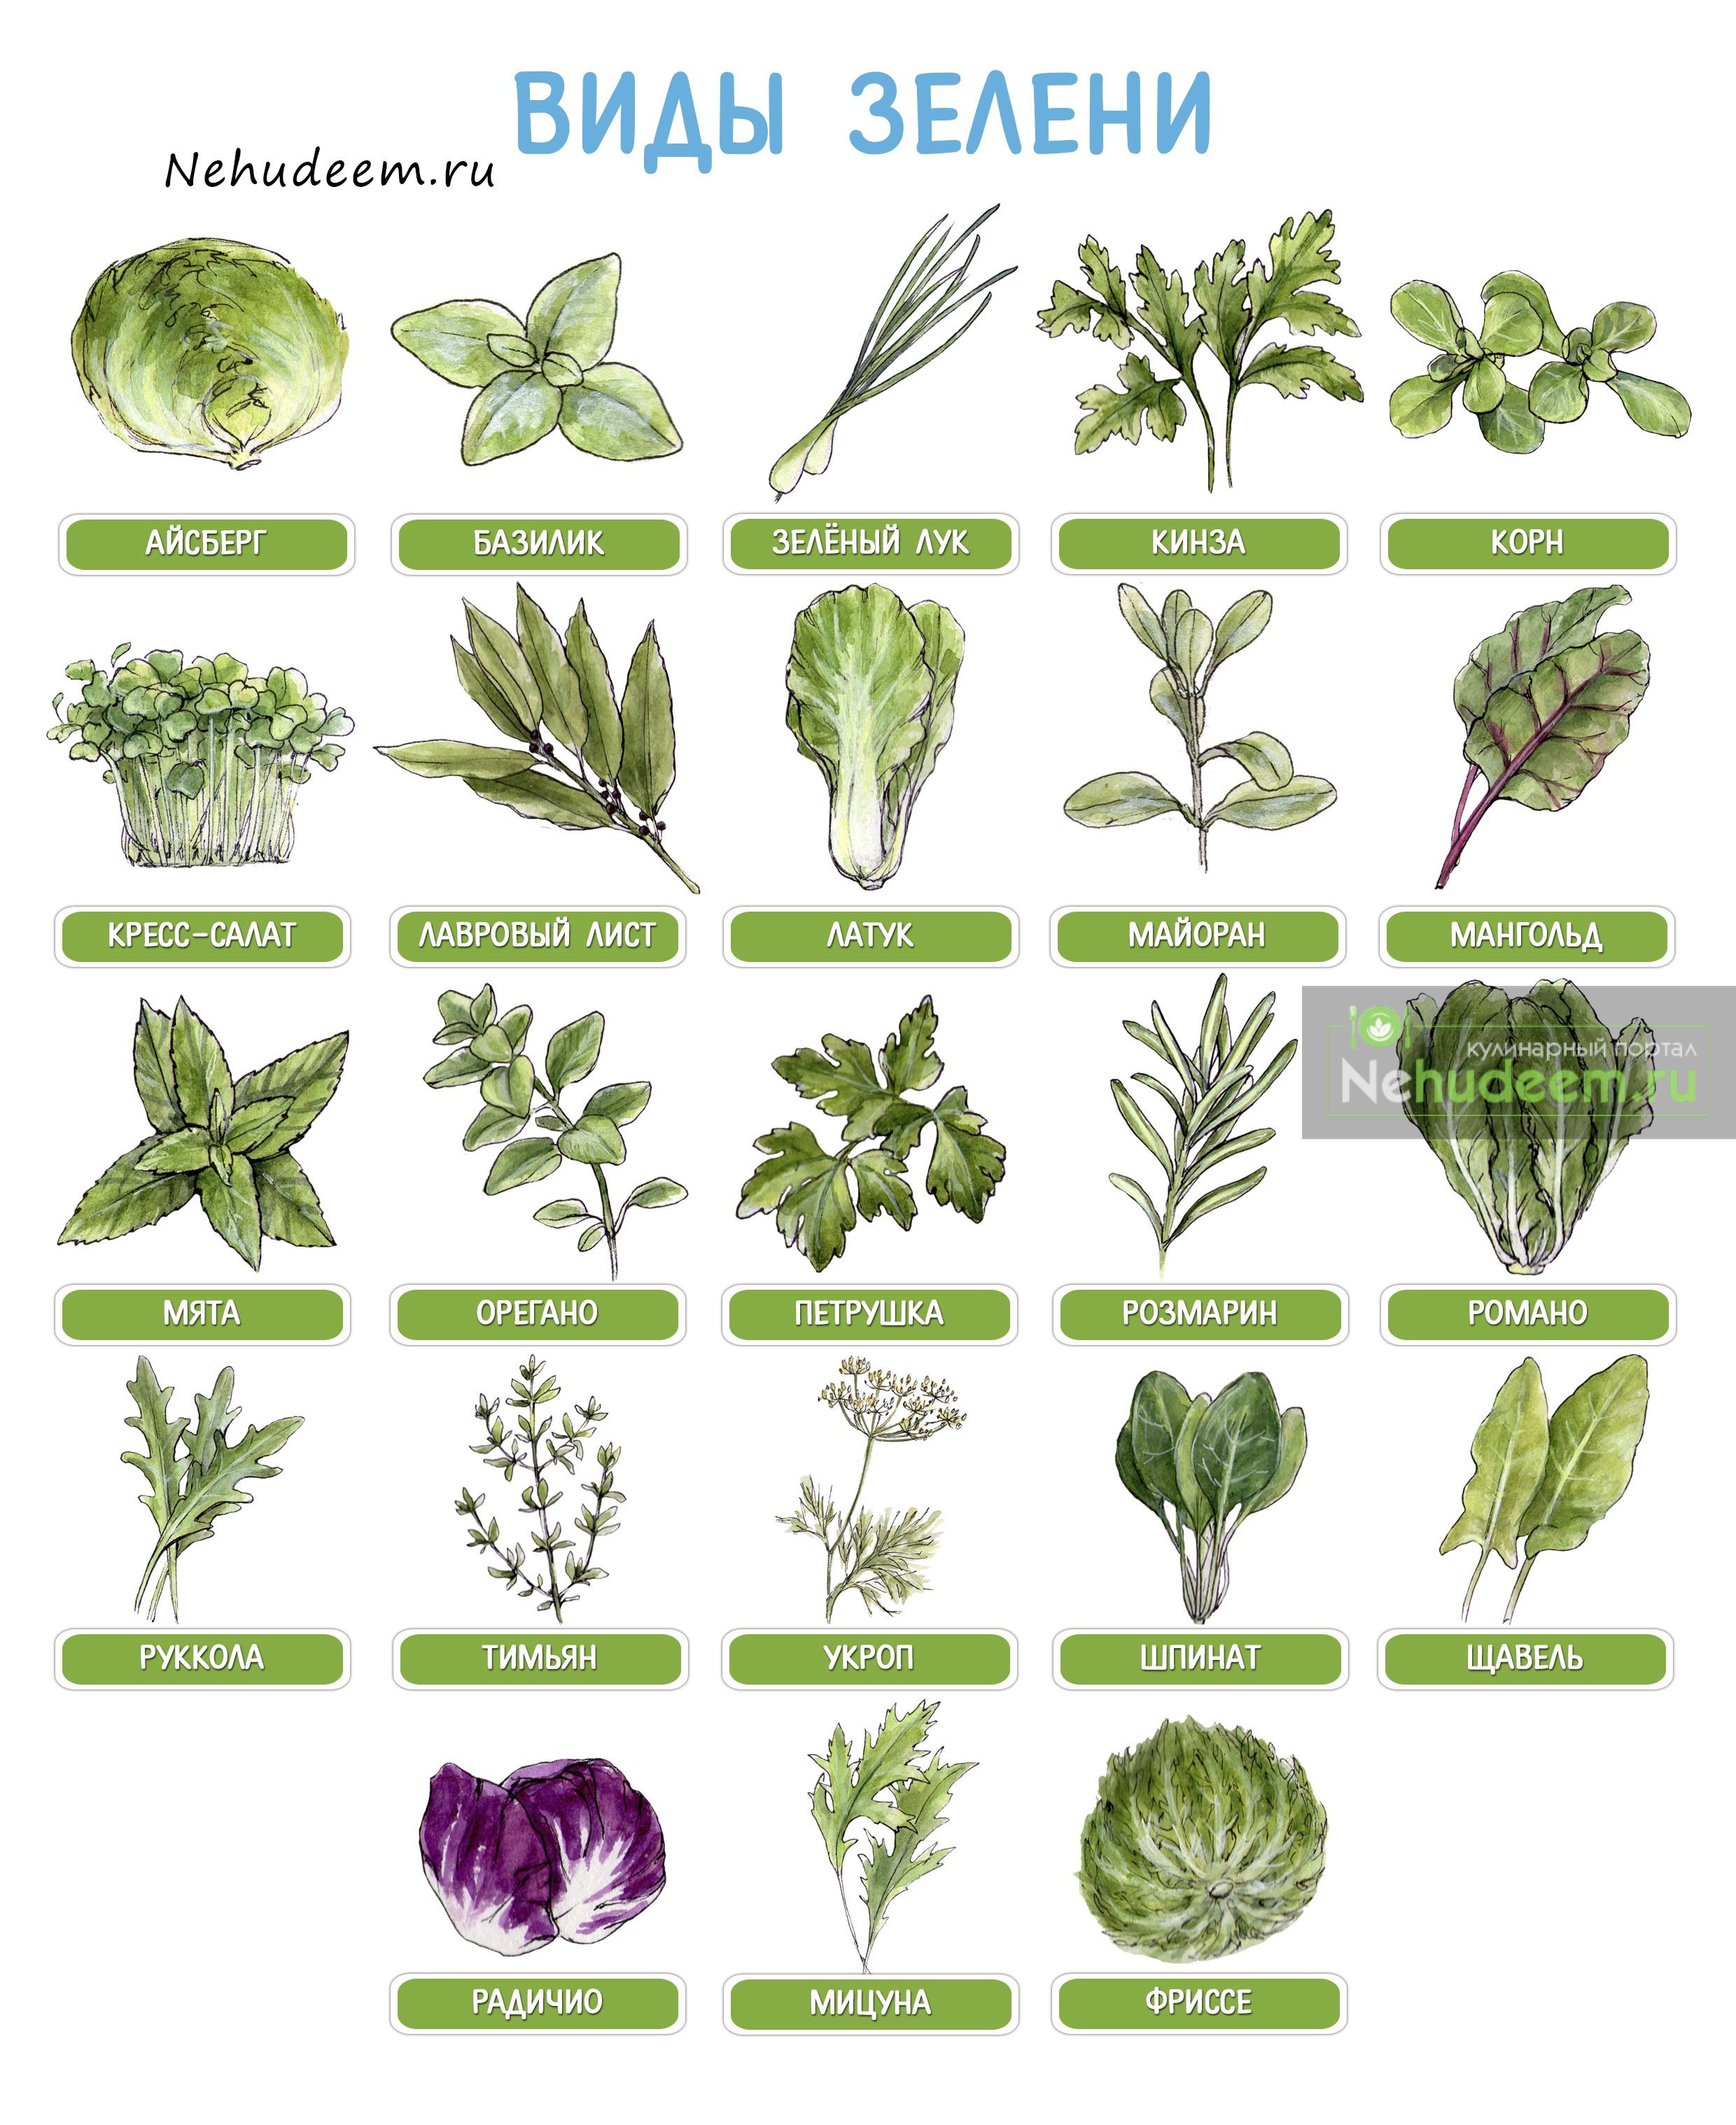 каталог пряных растений по алфавиту с картинками выбор для дачи